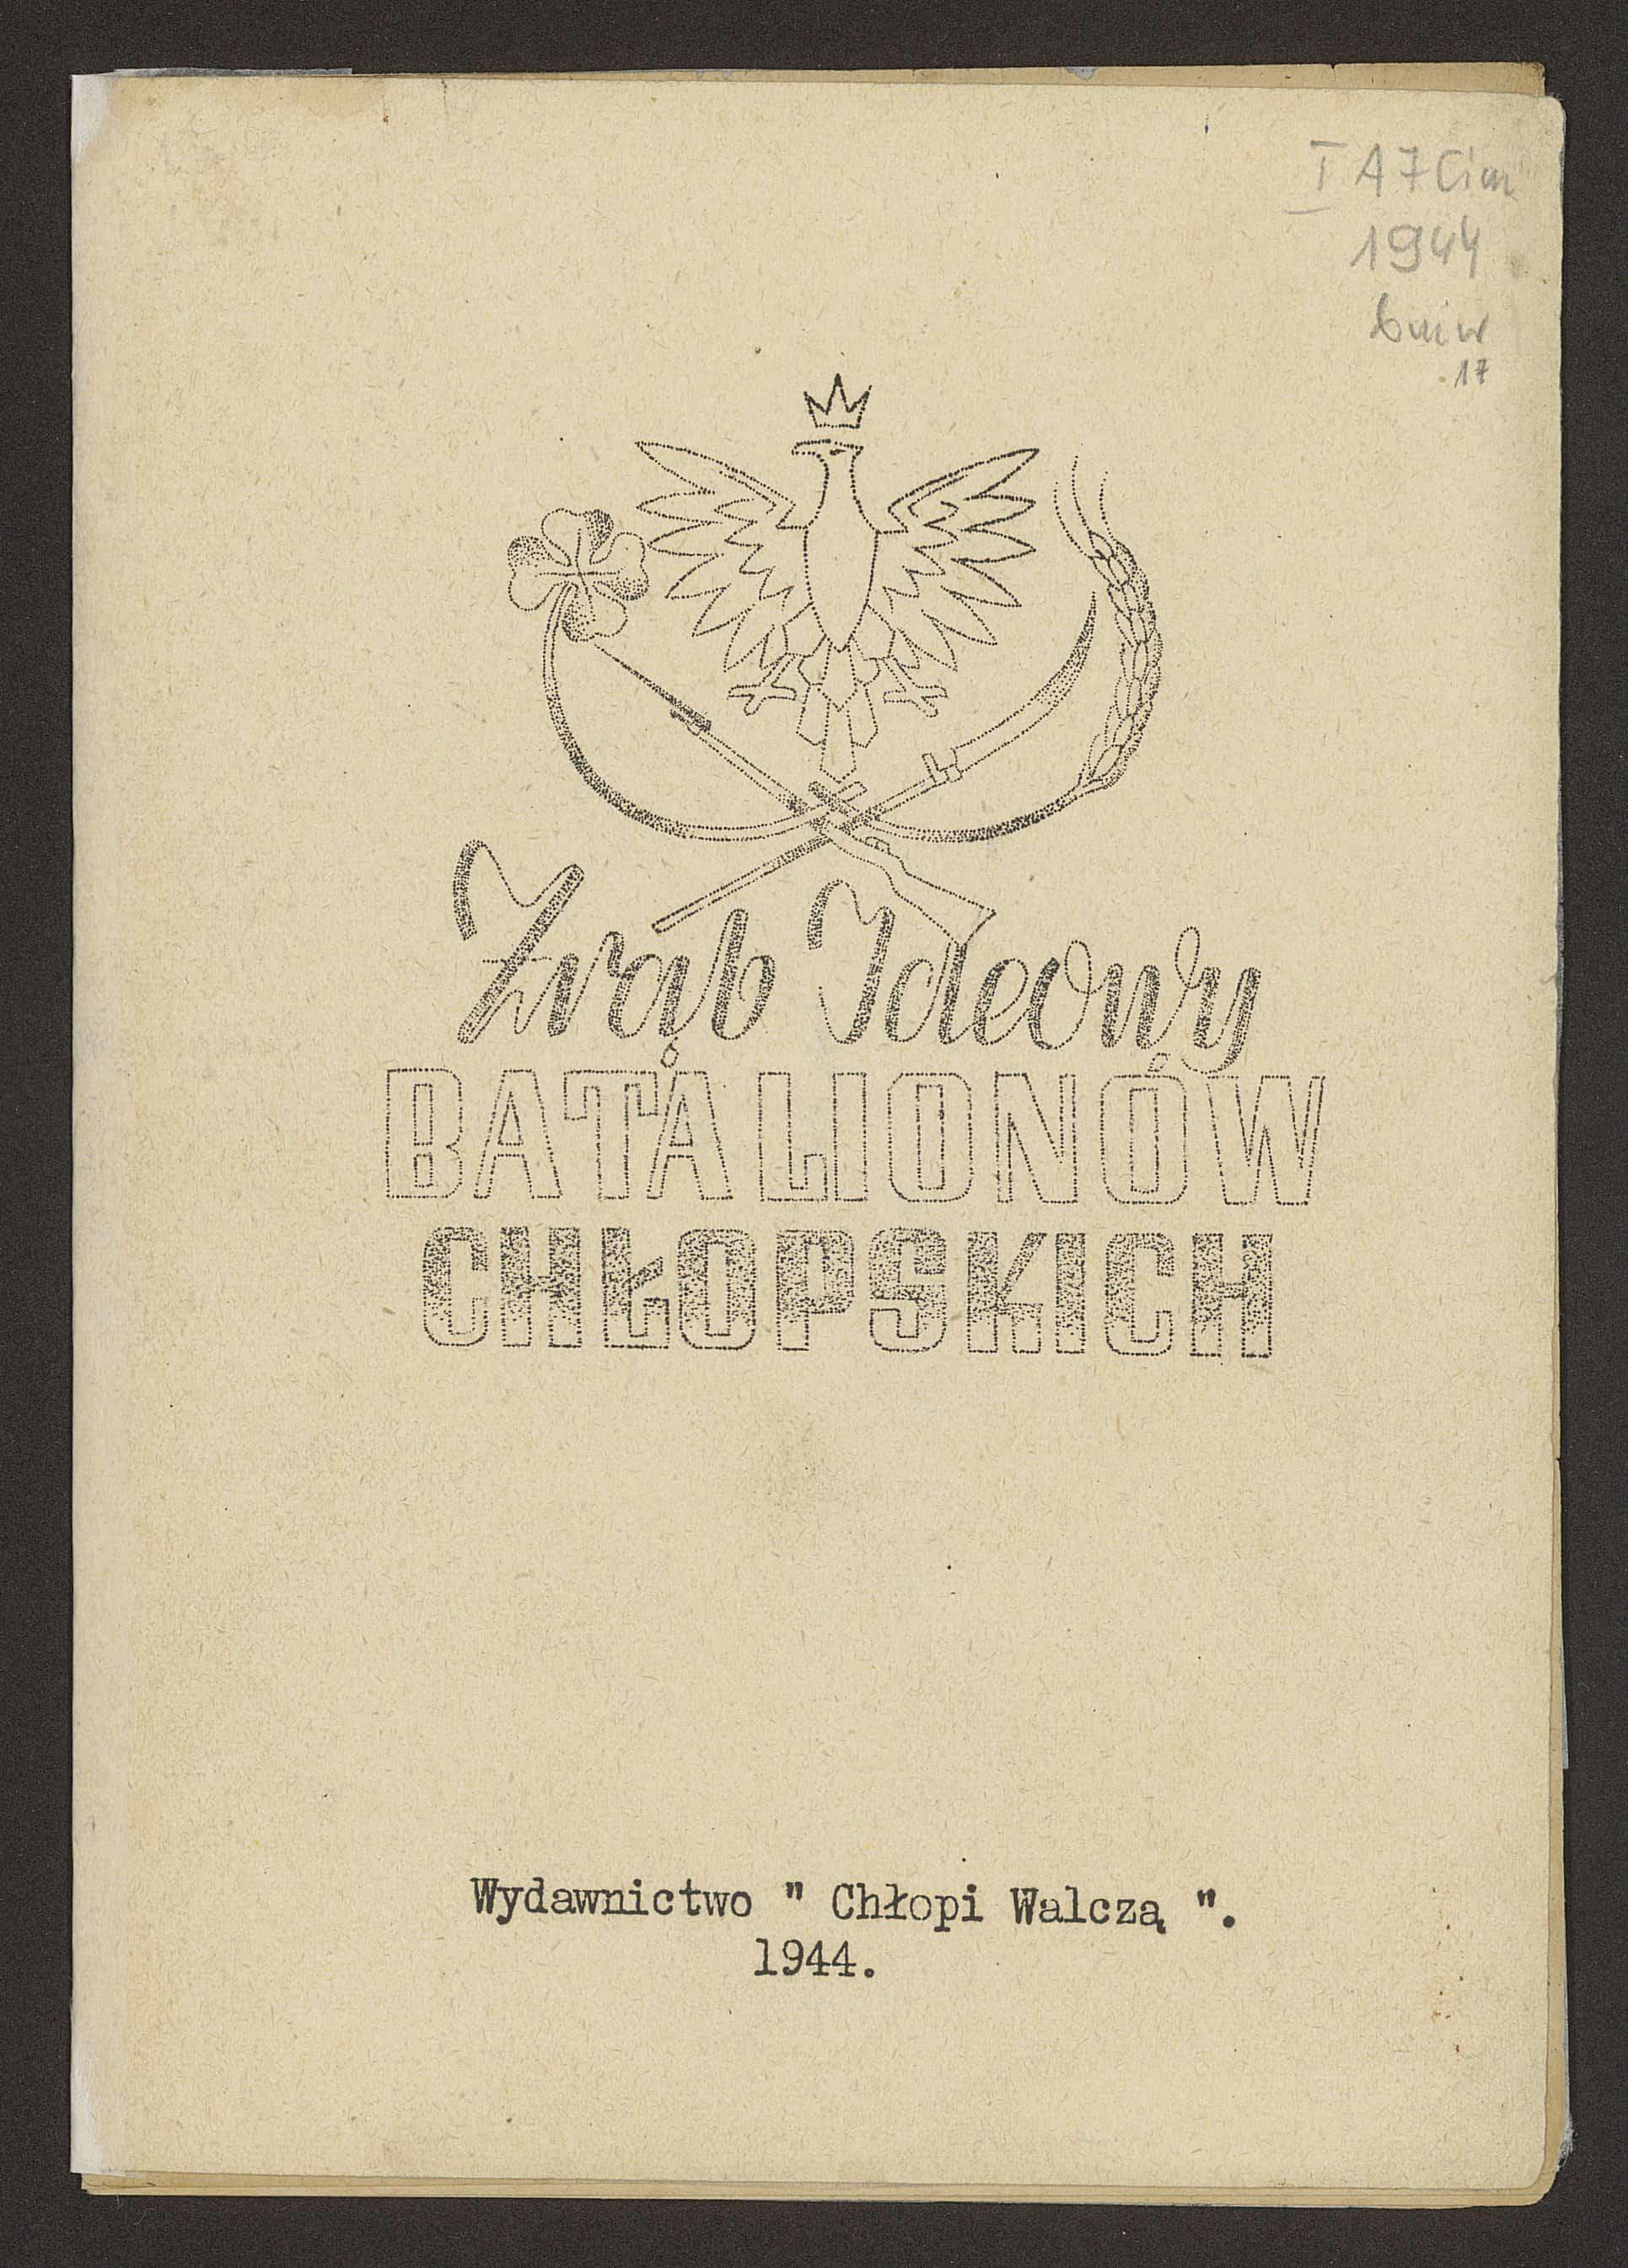 Zrąb ideowy Batalionów Chłopskich (1944). Źródło: Polona